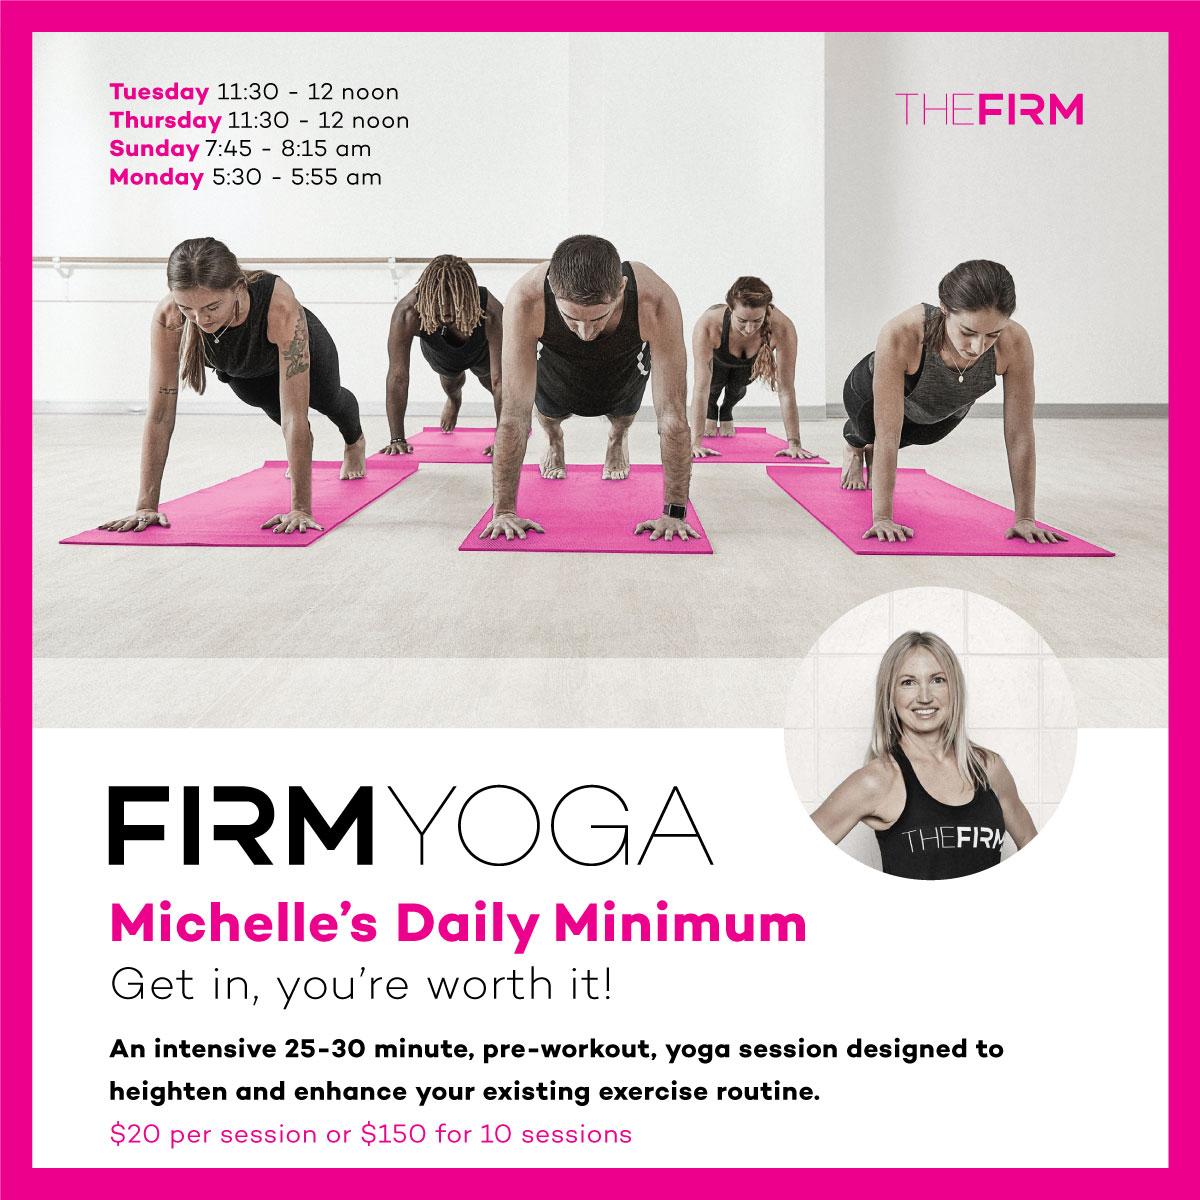 YogaWorkshop-Michelle-8.23.19-r1.jpg9-4-19